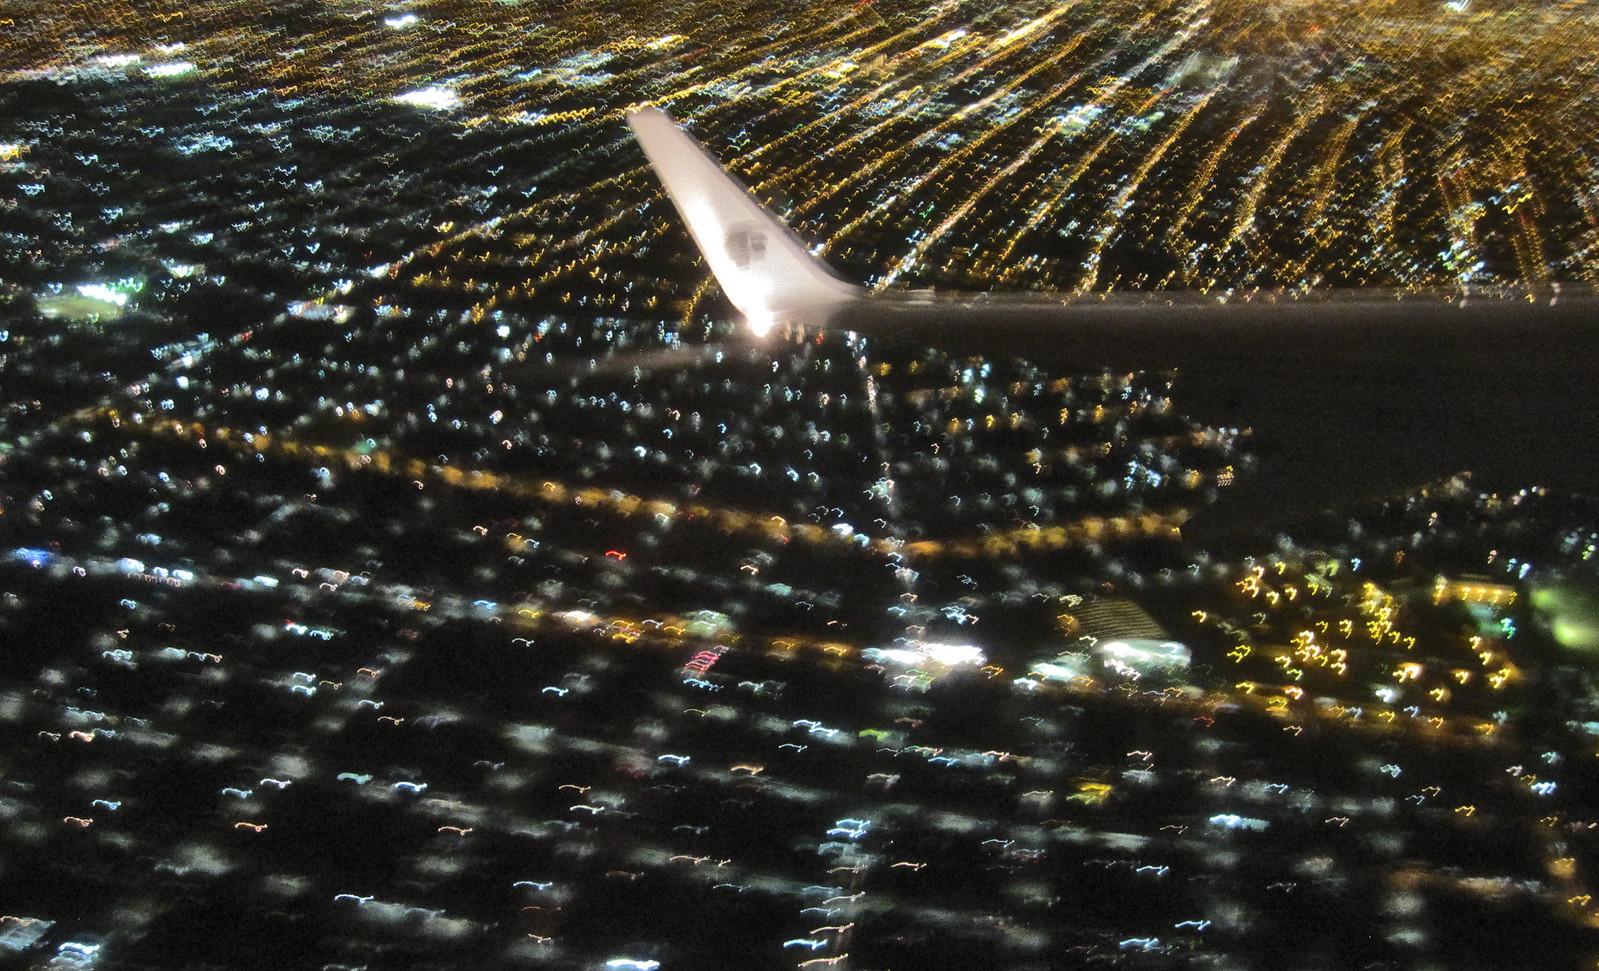 Aérea nocturna 01